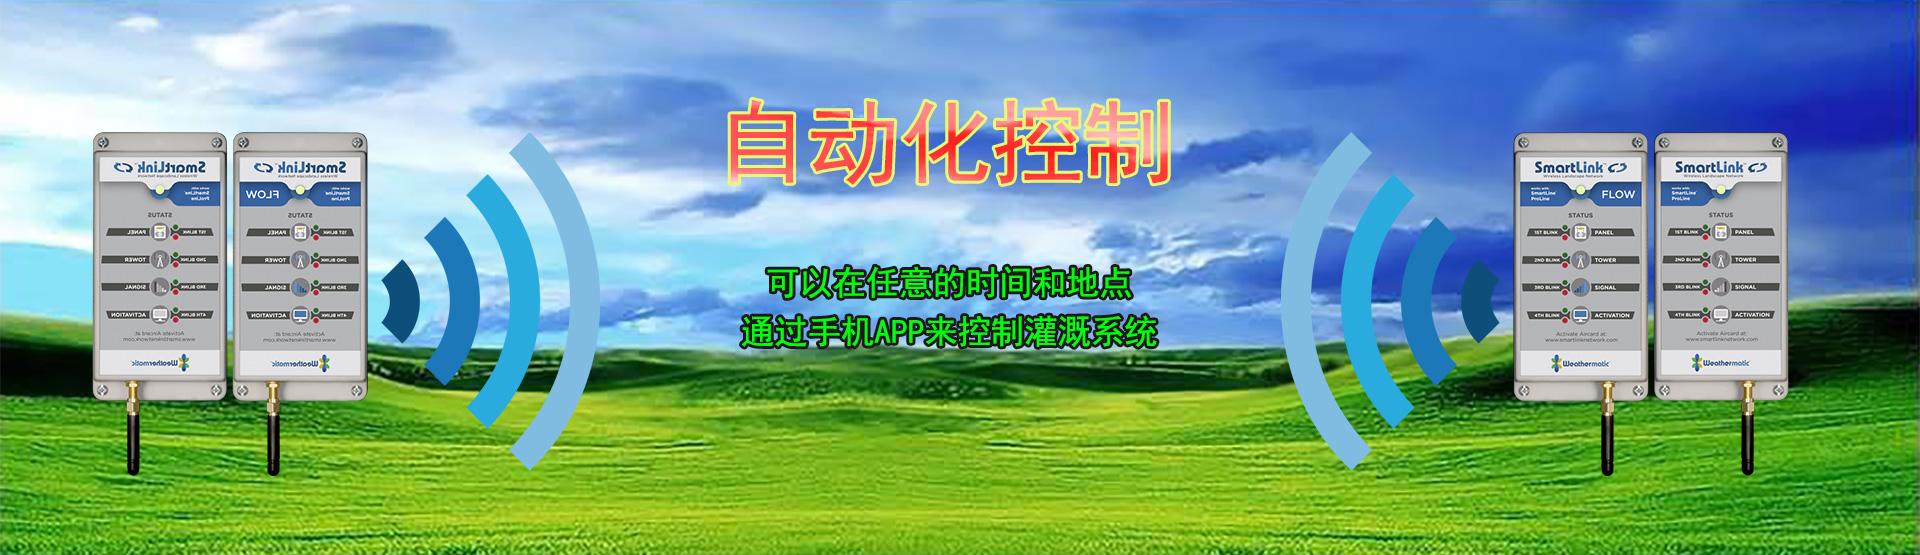 滴灌自动化灌溉系统,自动化灌溉控制器